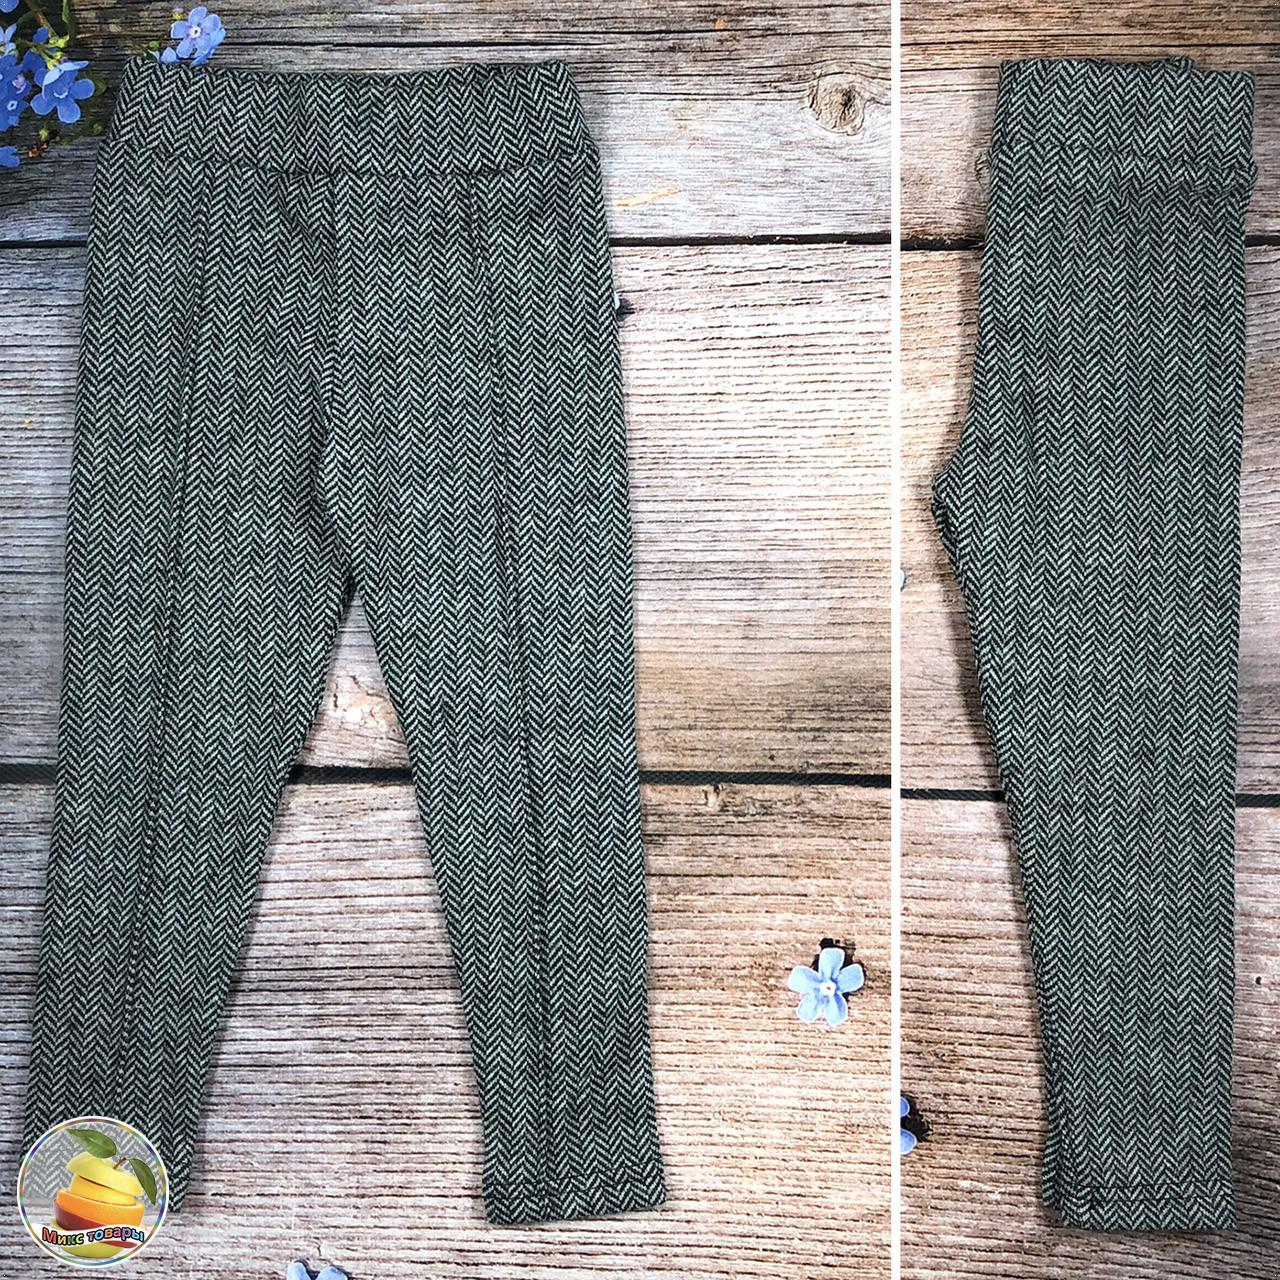 Детские лосины из плотной ткани с наружной ворсой Размеры: 110,116,122,128 см (8948-2)